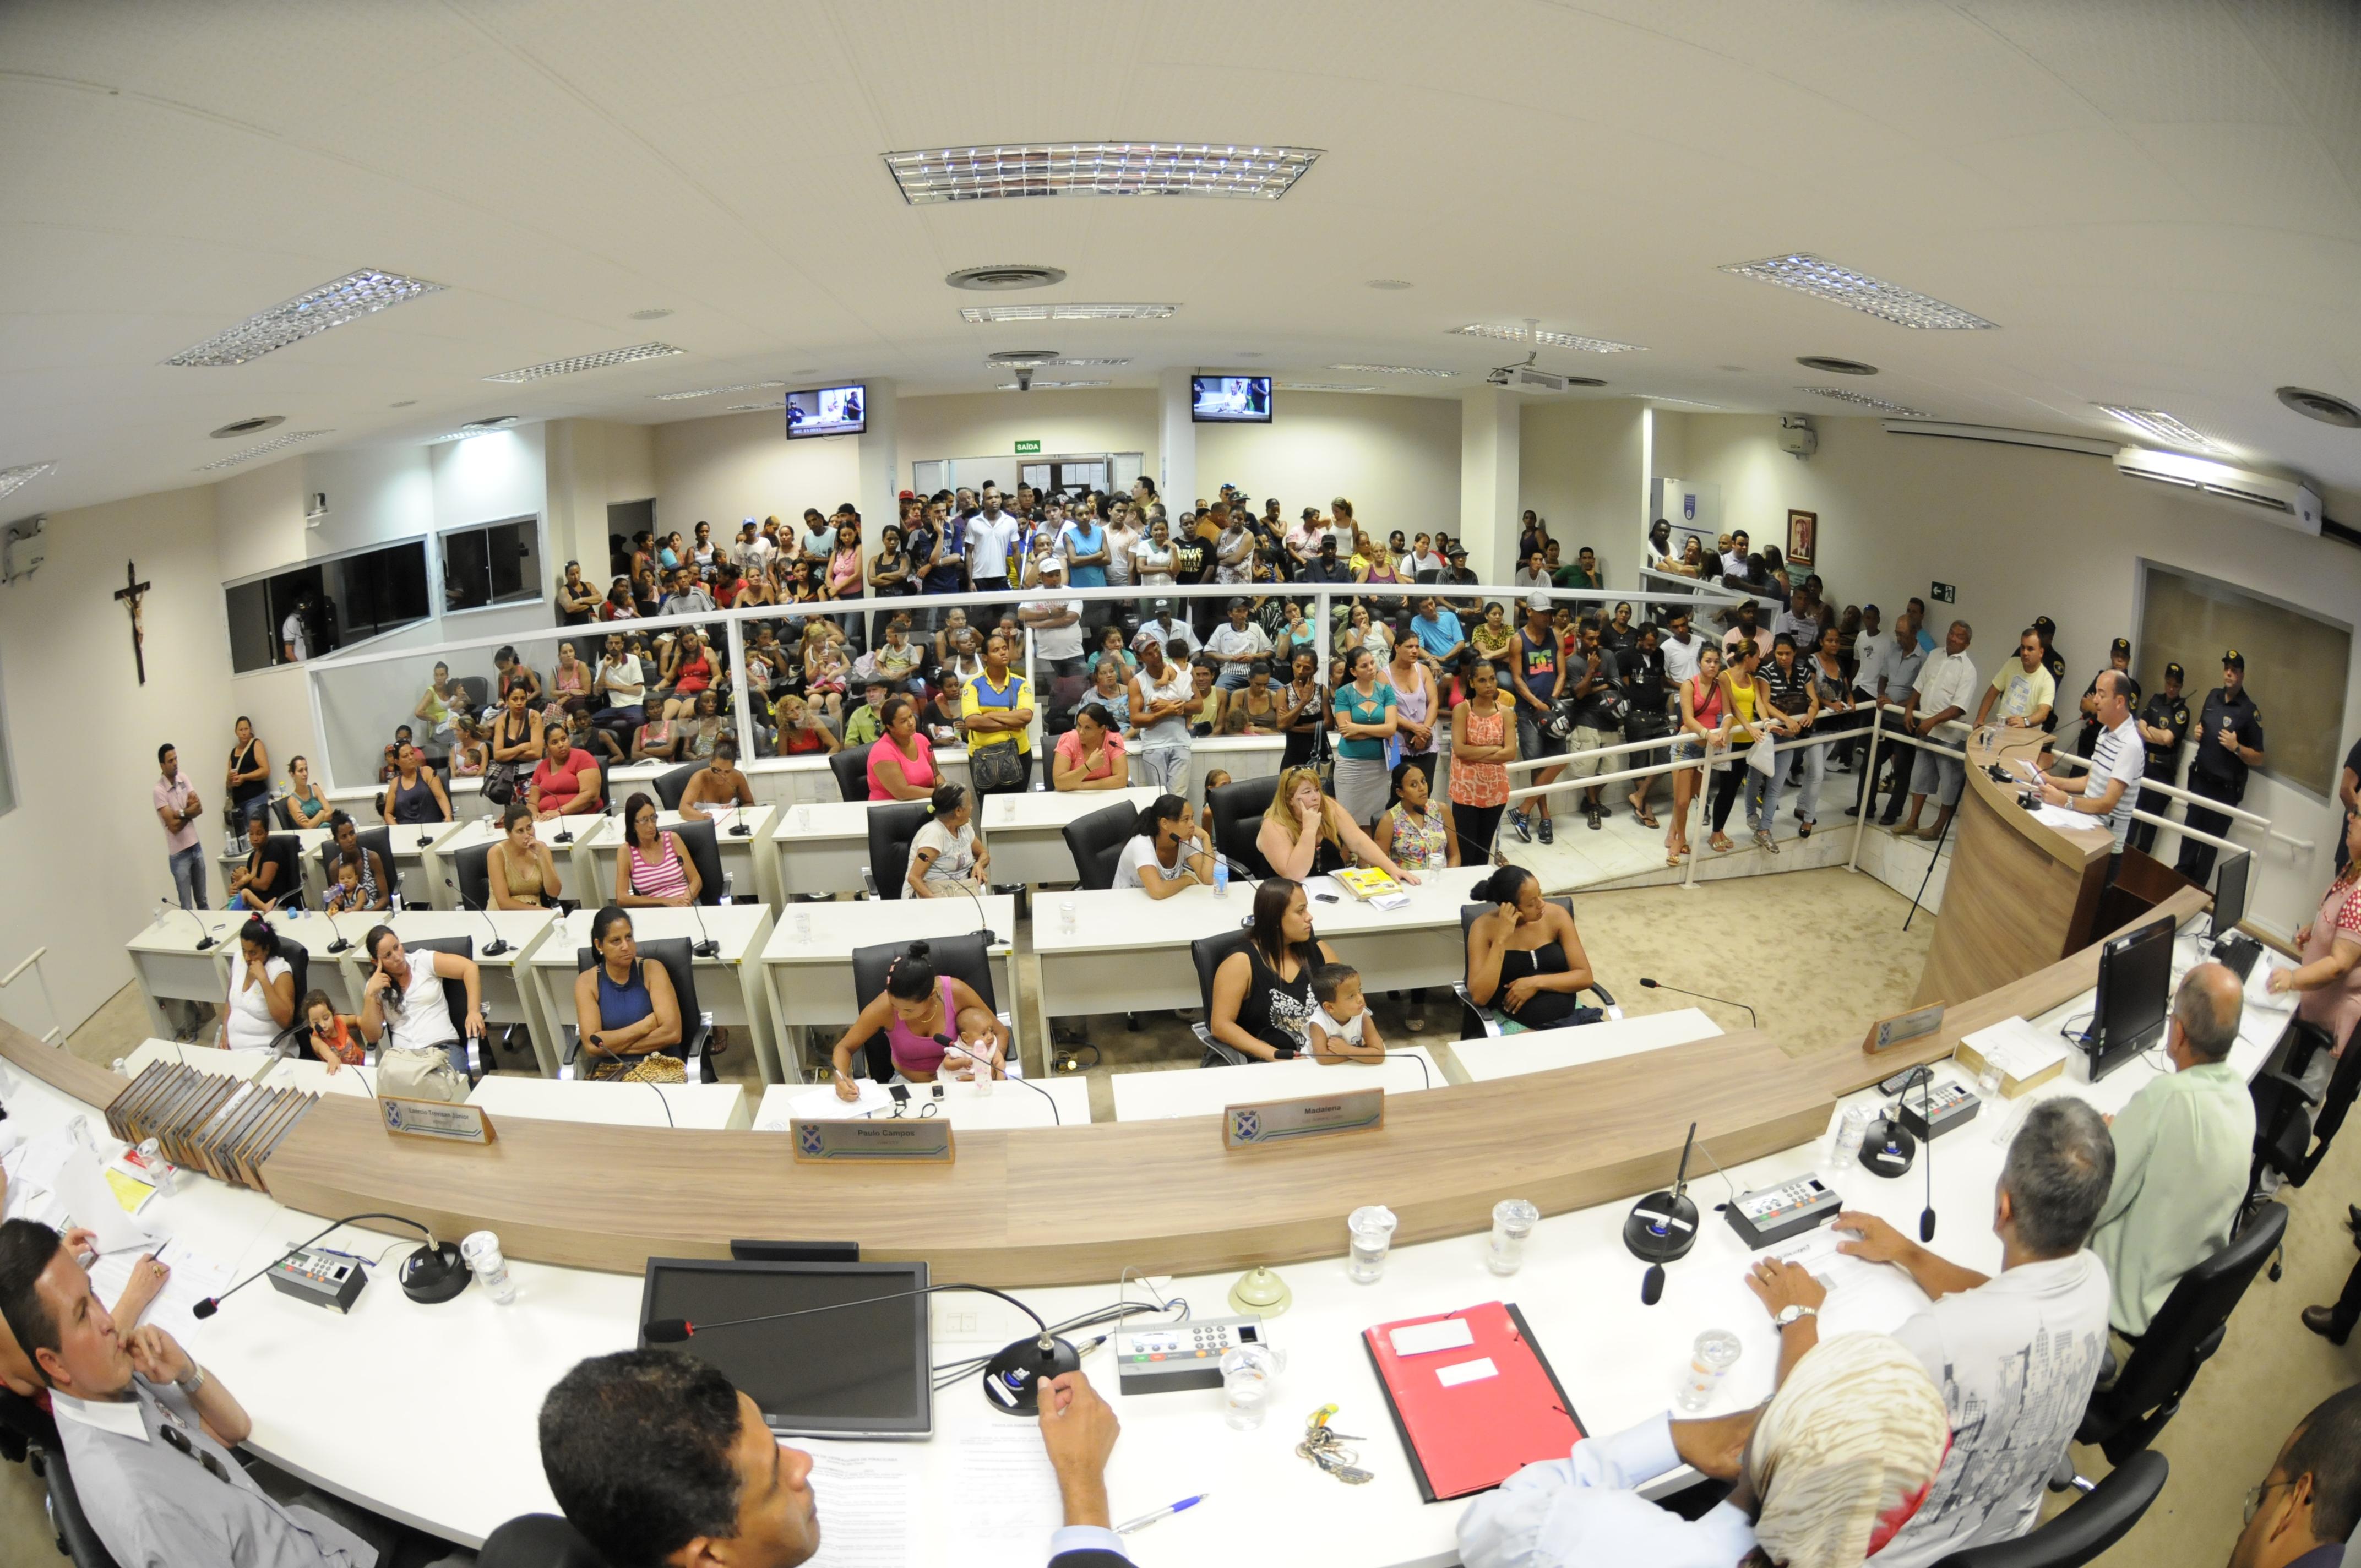 Audiência Pública nesta quarta debaterá o orçamento de Piracicaba dos próximos 4 anos.